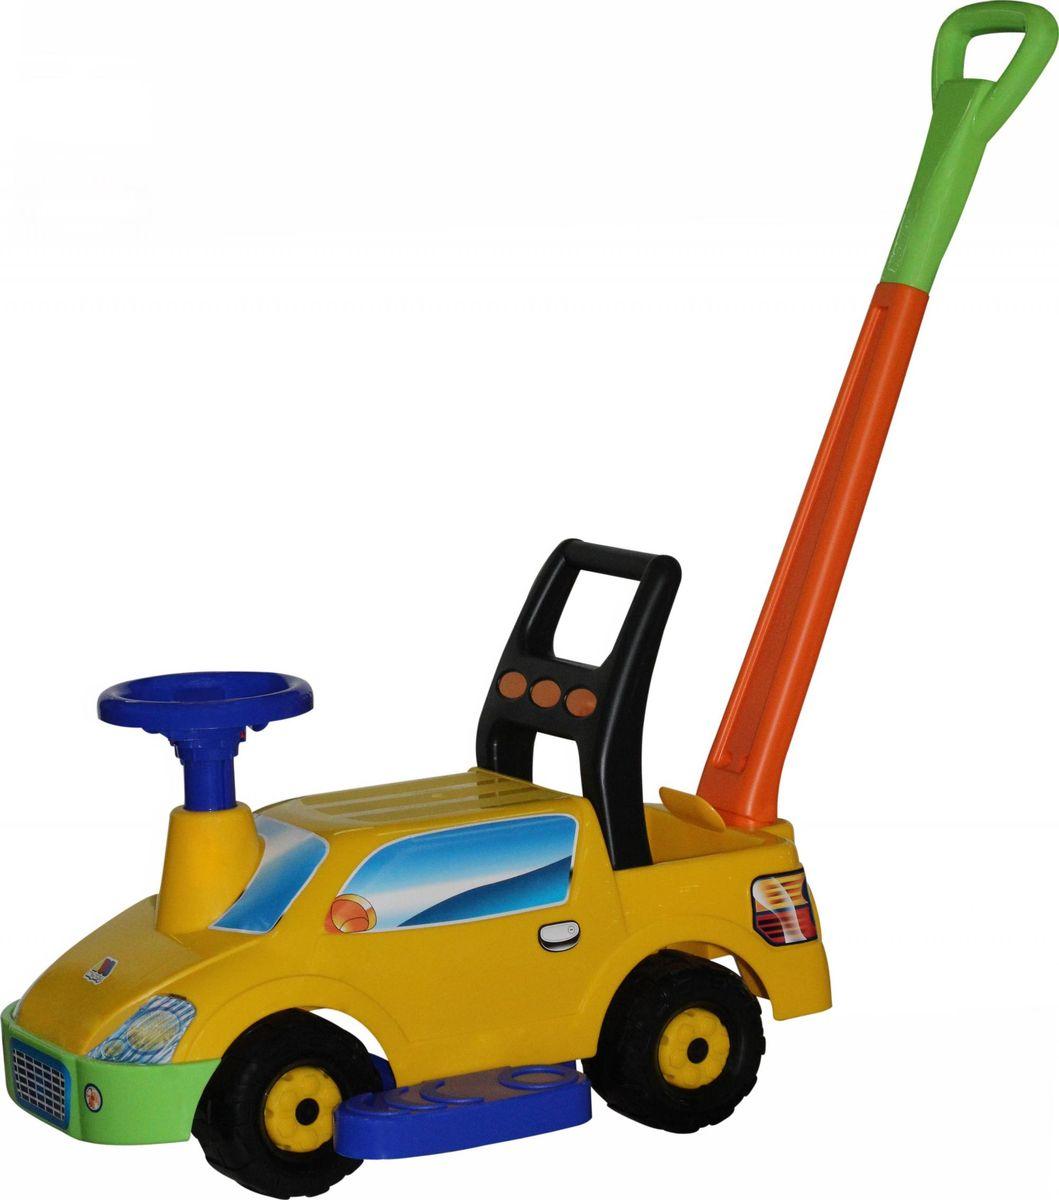 Полесье Каталка Пикап с ручкой №2 цвет желтый полесье гоночный автомобиль торнадо цвет желтый